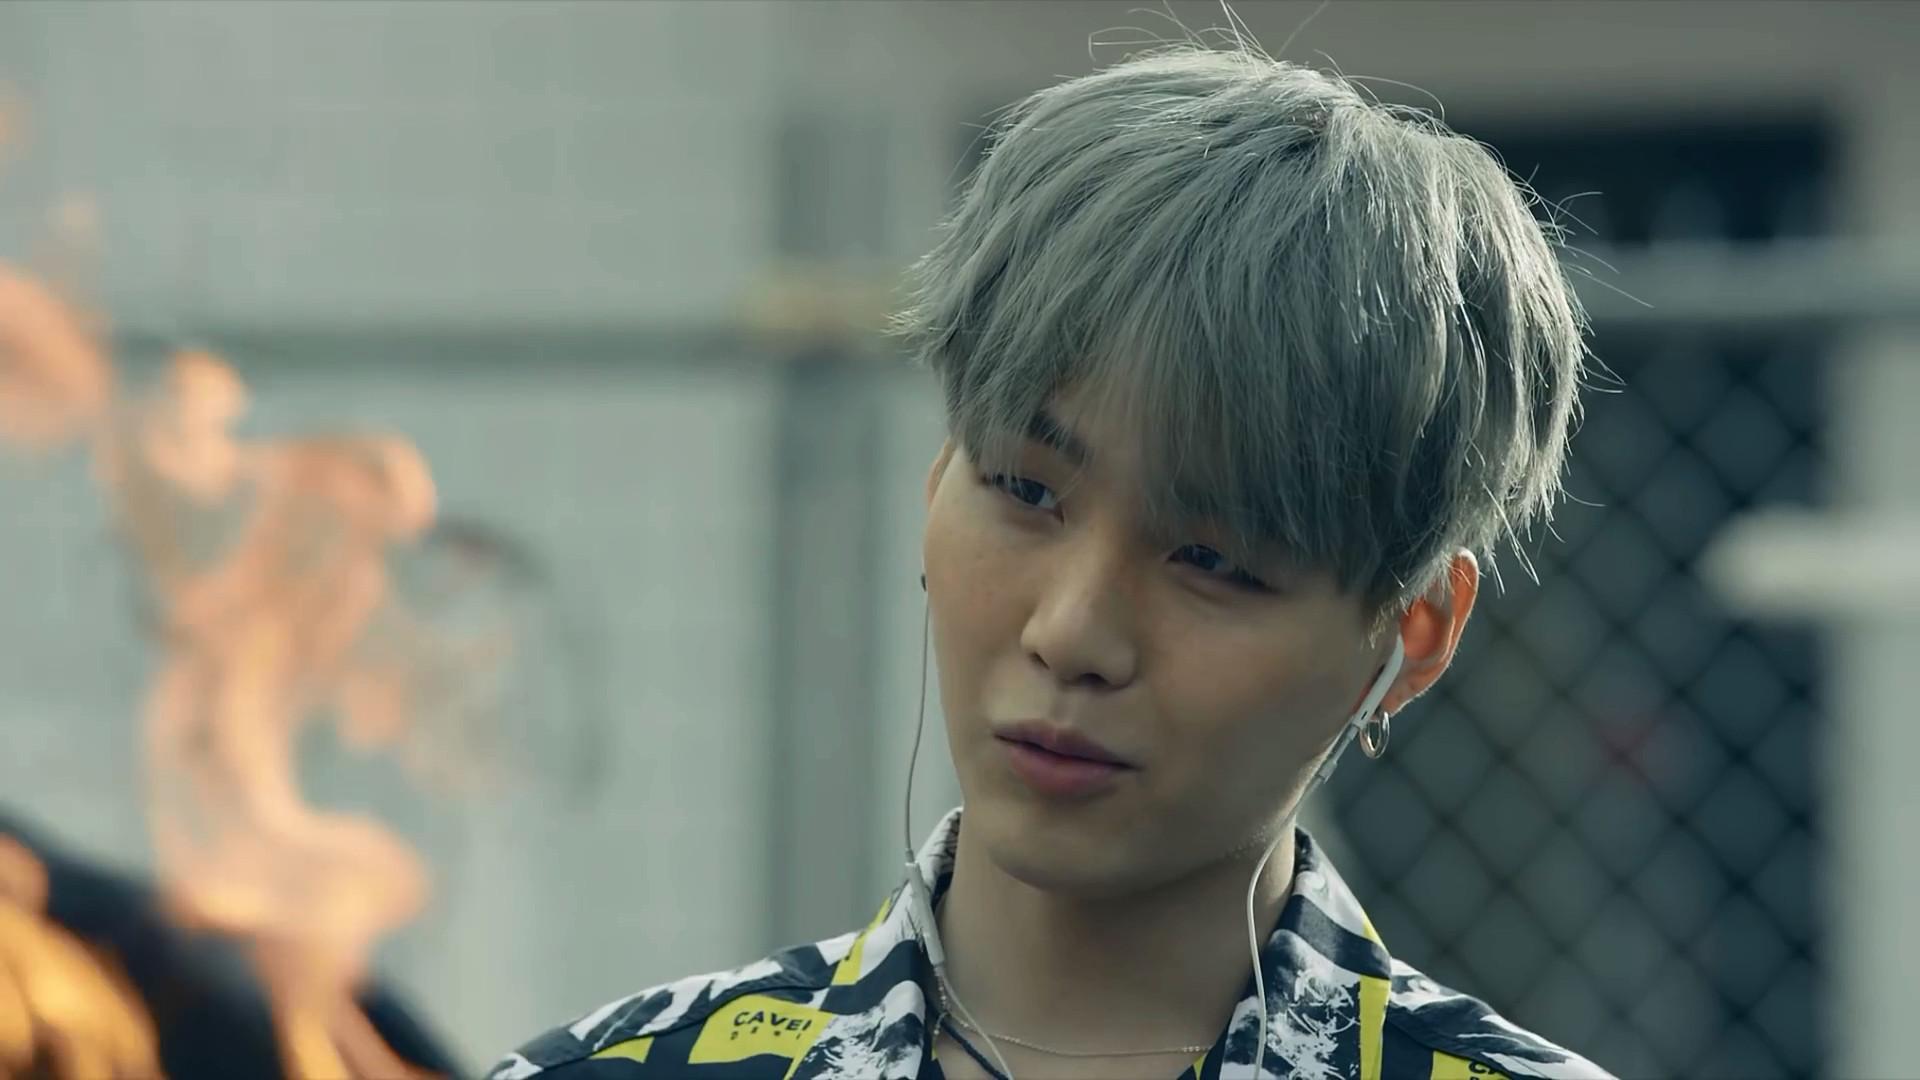 BTS - Fire who's who - K-Pop Database / dbkpop com